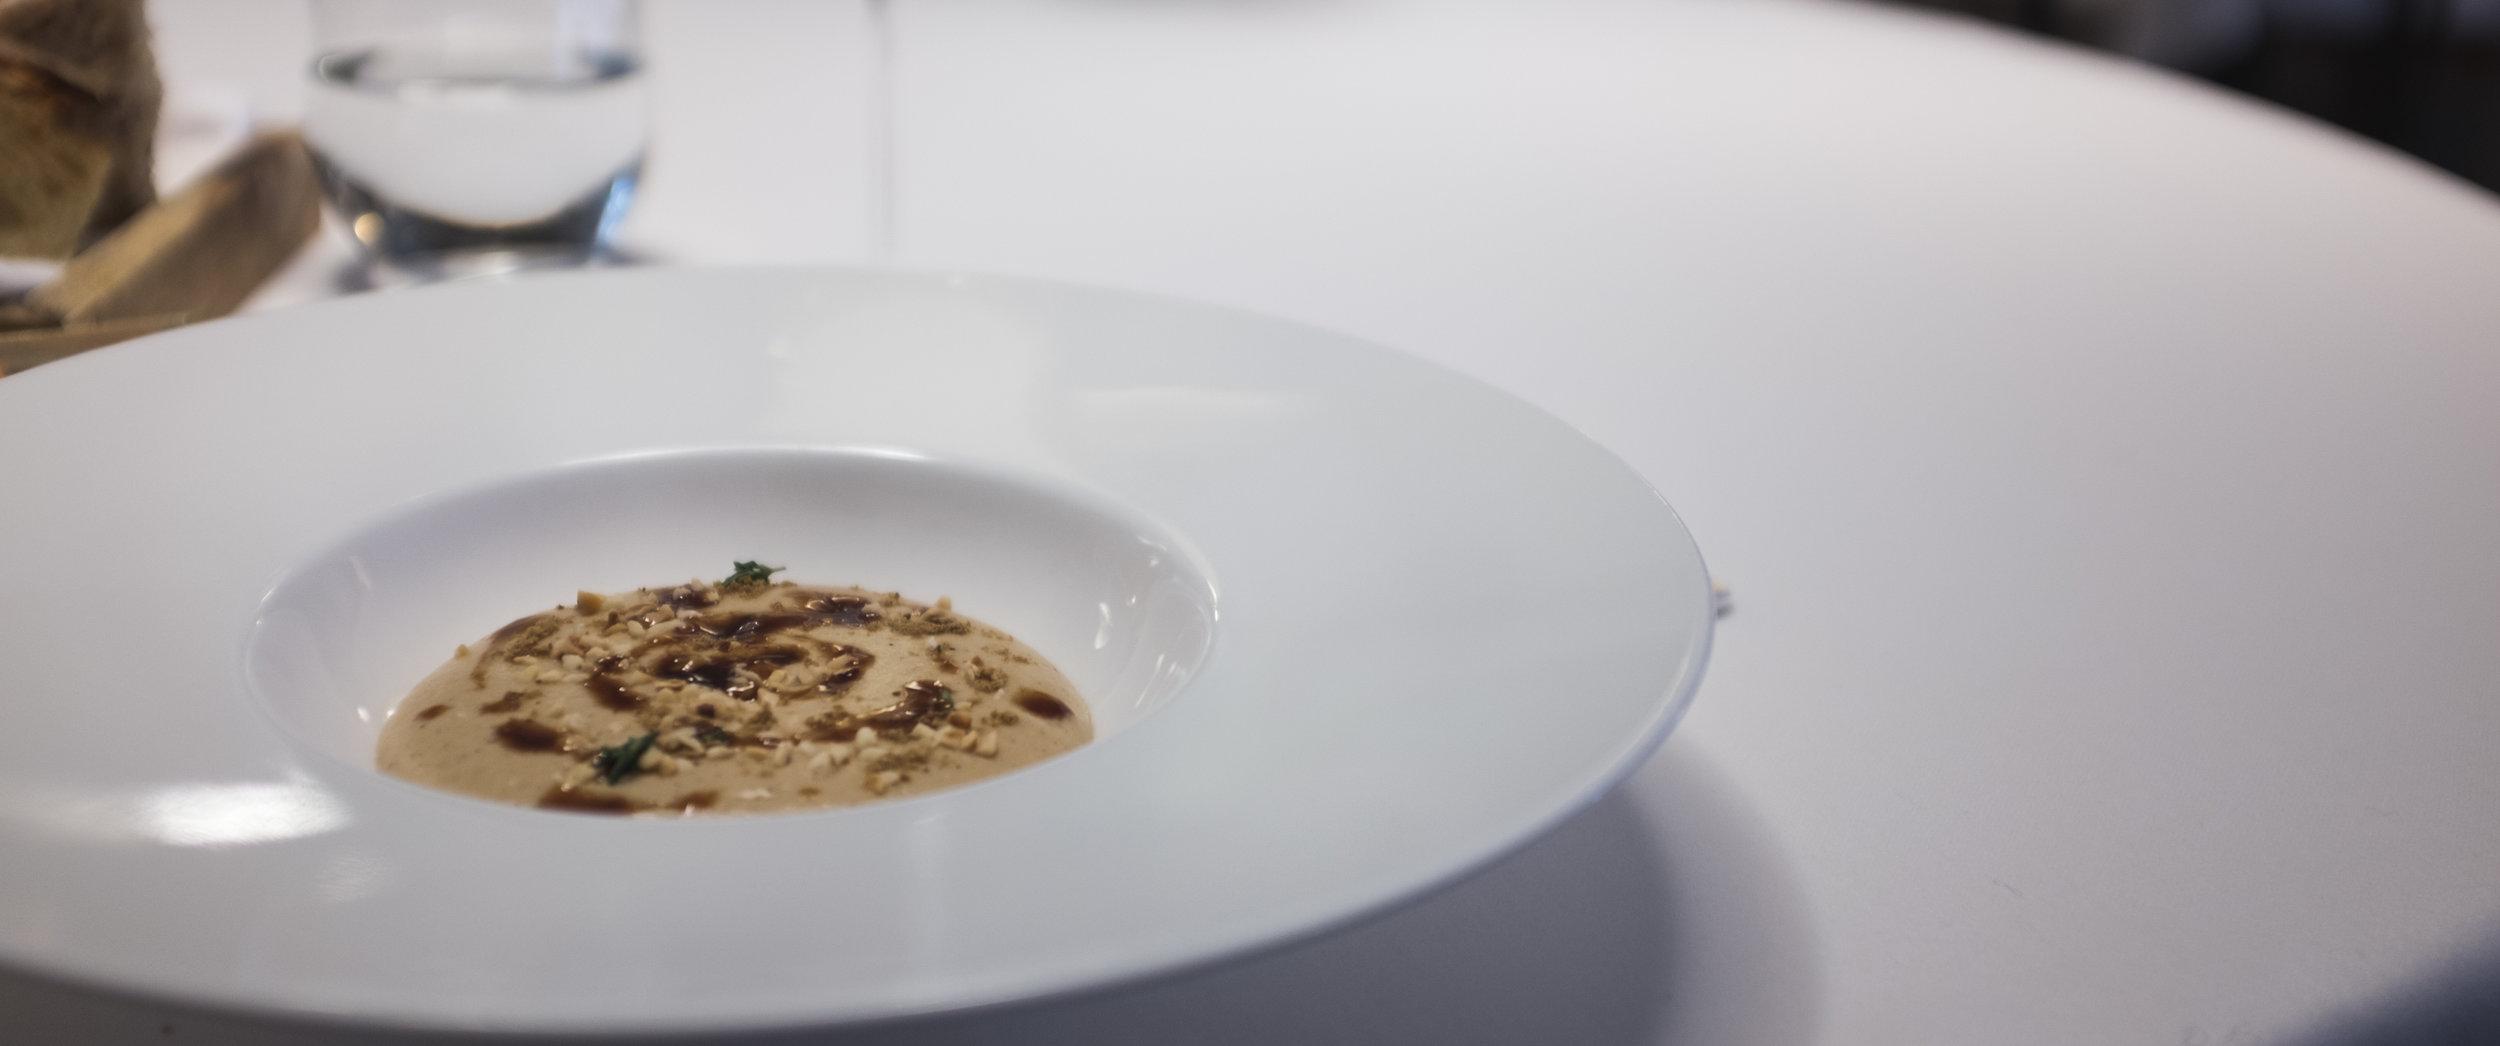 Casual. Žiedinių kopūstų putėsiai su lazdyno riešutais.  Casual. Cauliflower mousse with hazelnut.